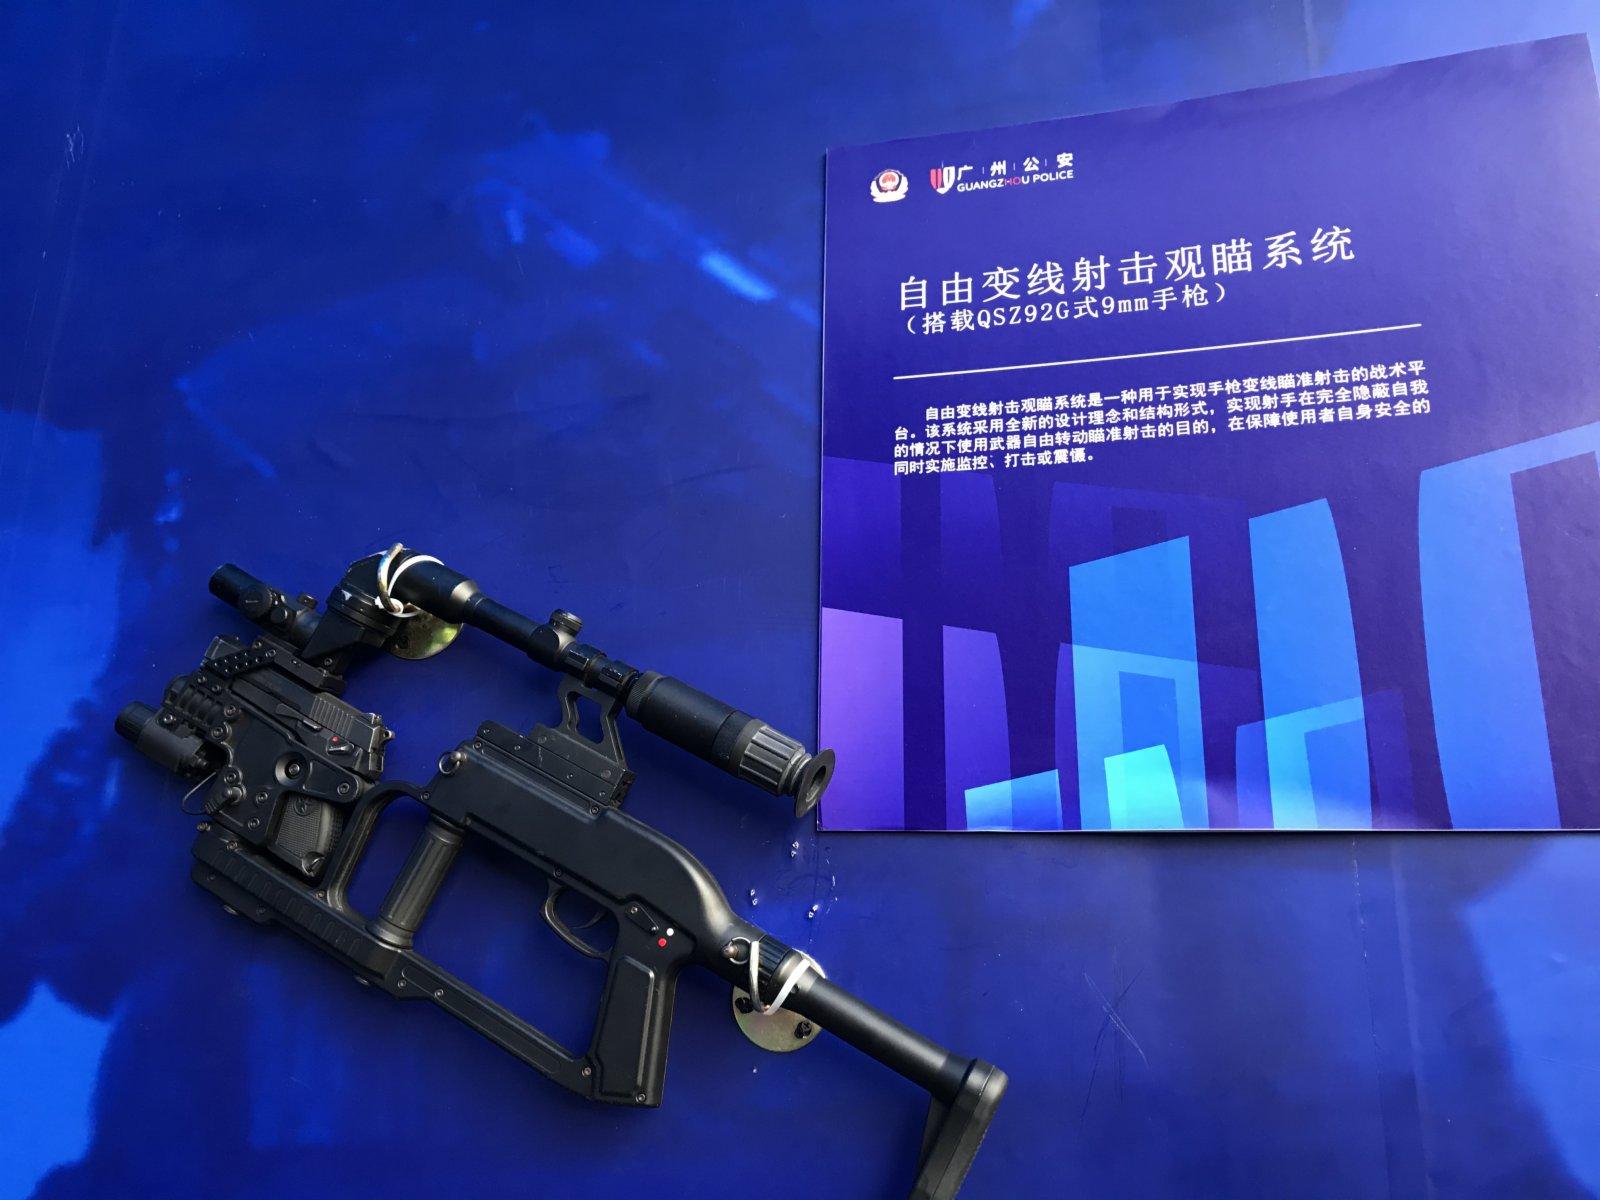 一種全新的搭載QSZ92G式9毫米手槍的「自由變線射擊觀瞄準系統」,實現射手在完全隱蔽自我的情況下,使用武器自由轉動瞄準射擊。記者敖敏輝 攝